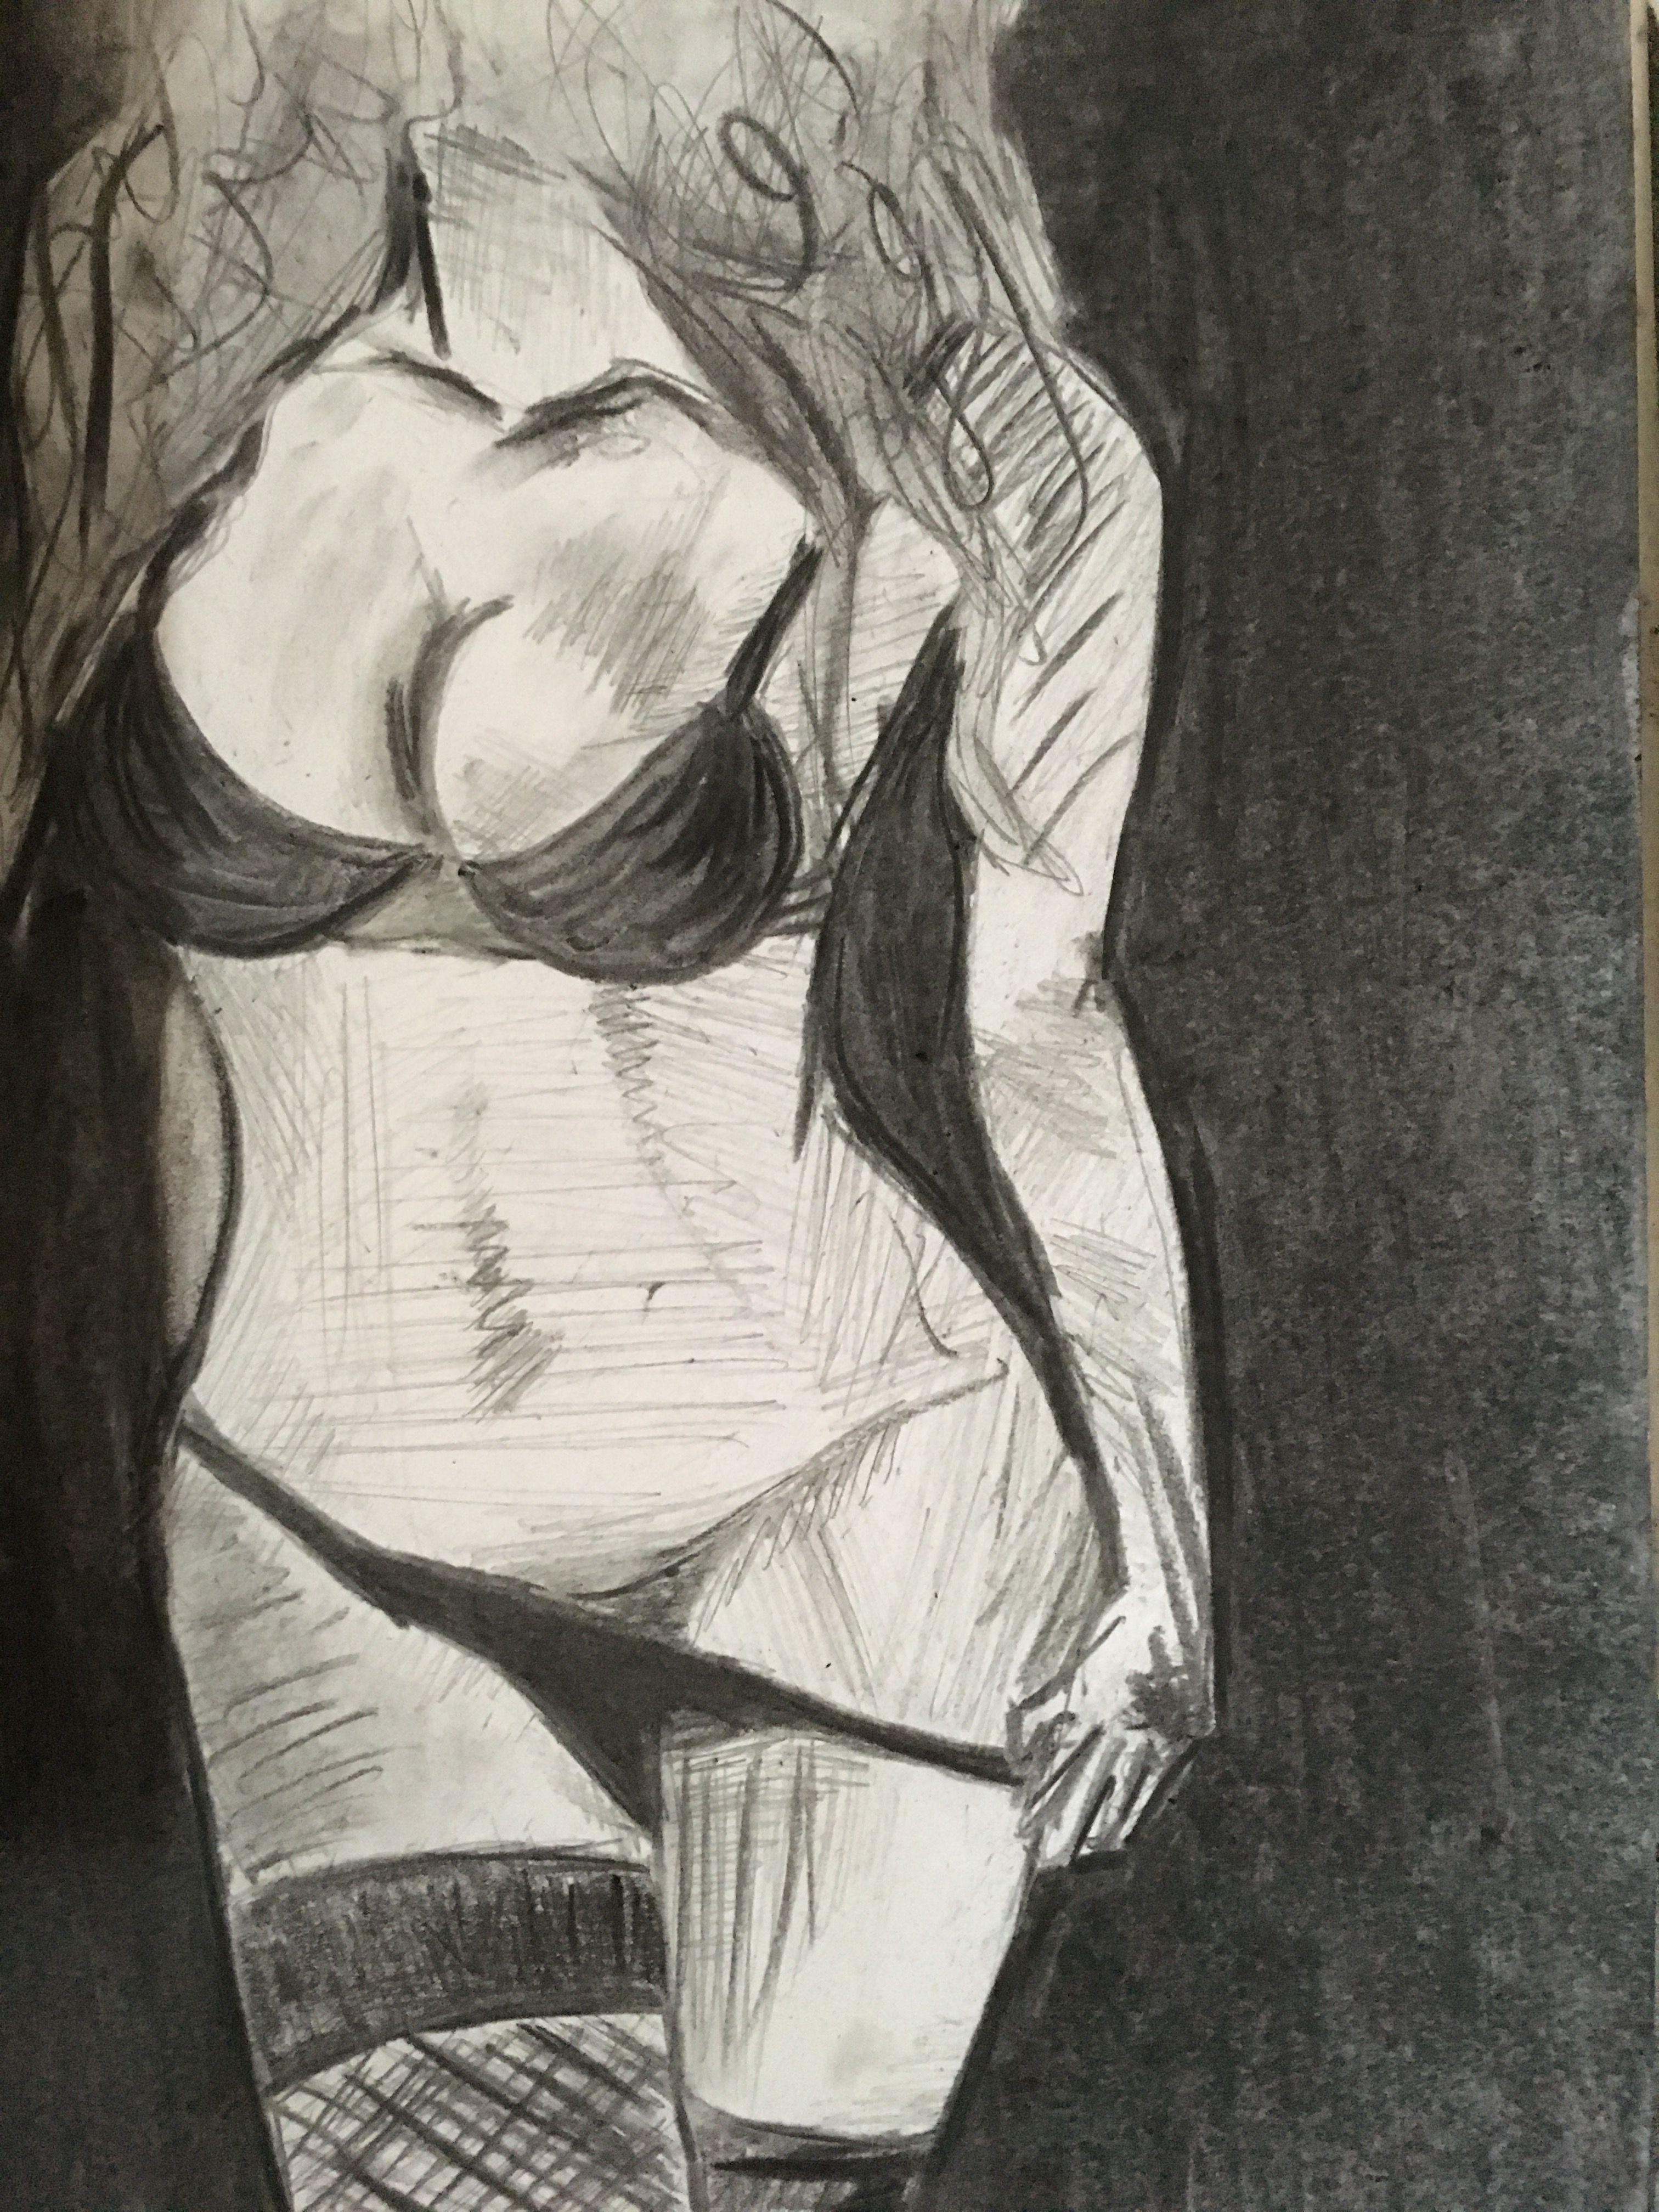 Erotic artwork for women